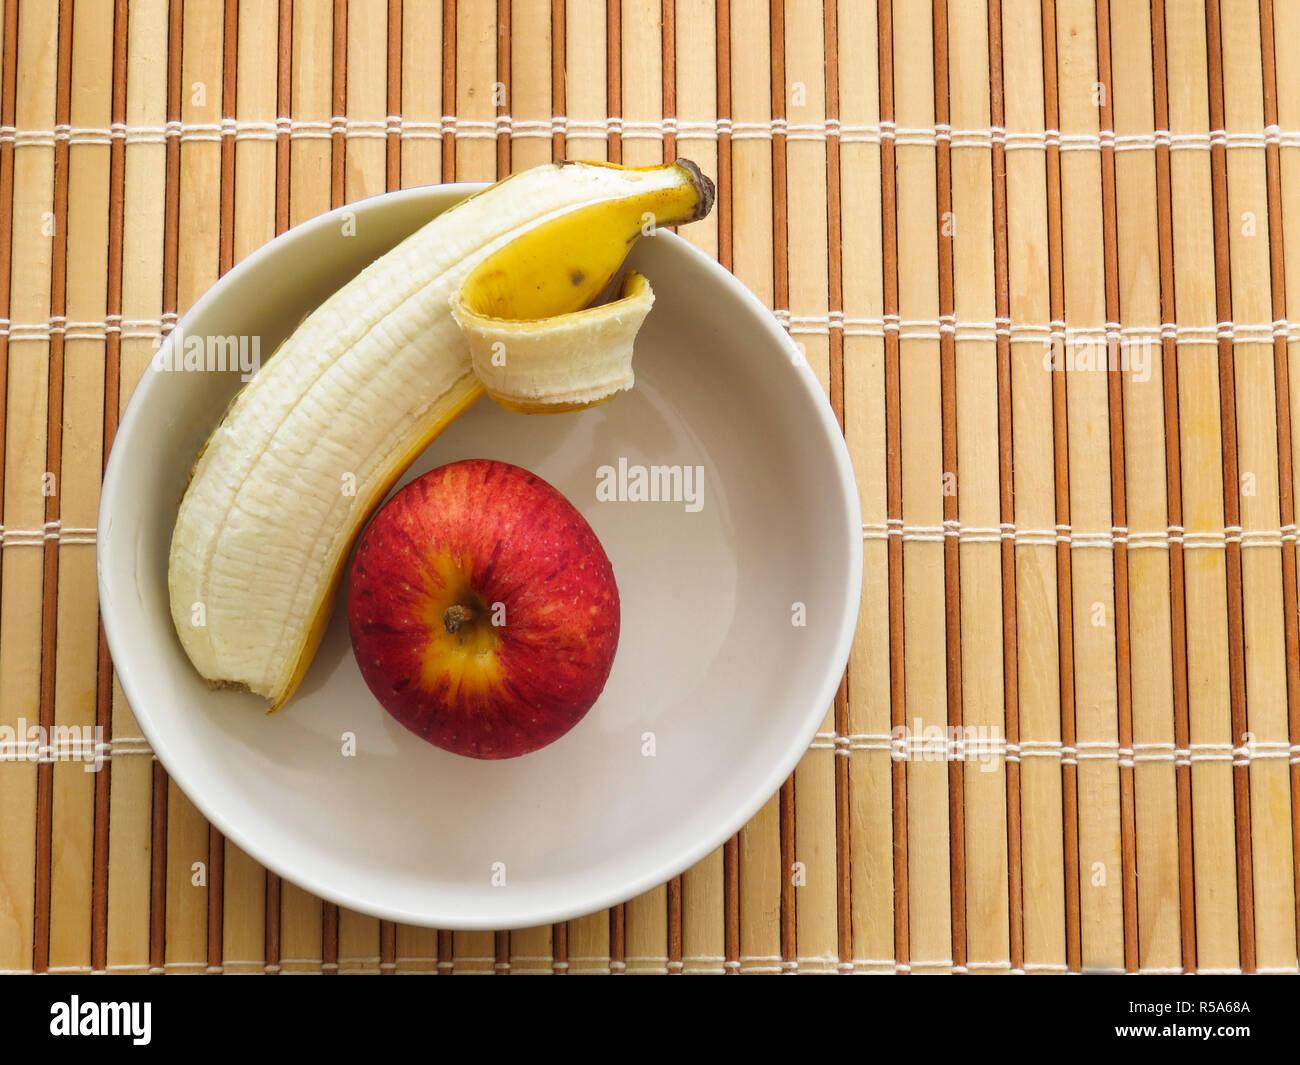 Mela e banana all'interno della vaschetta sul tavolo di legno Immagini Stock